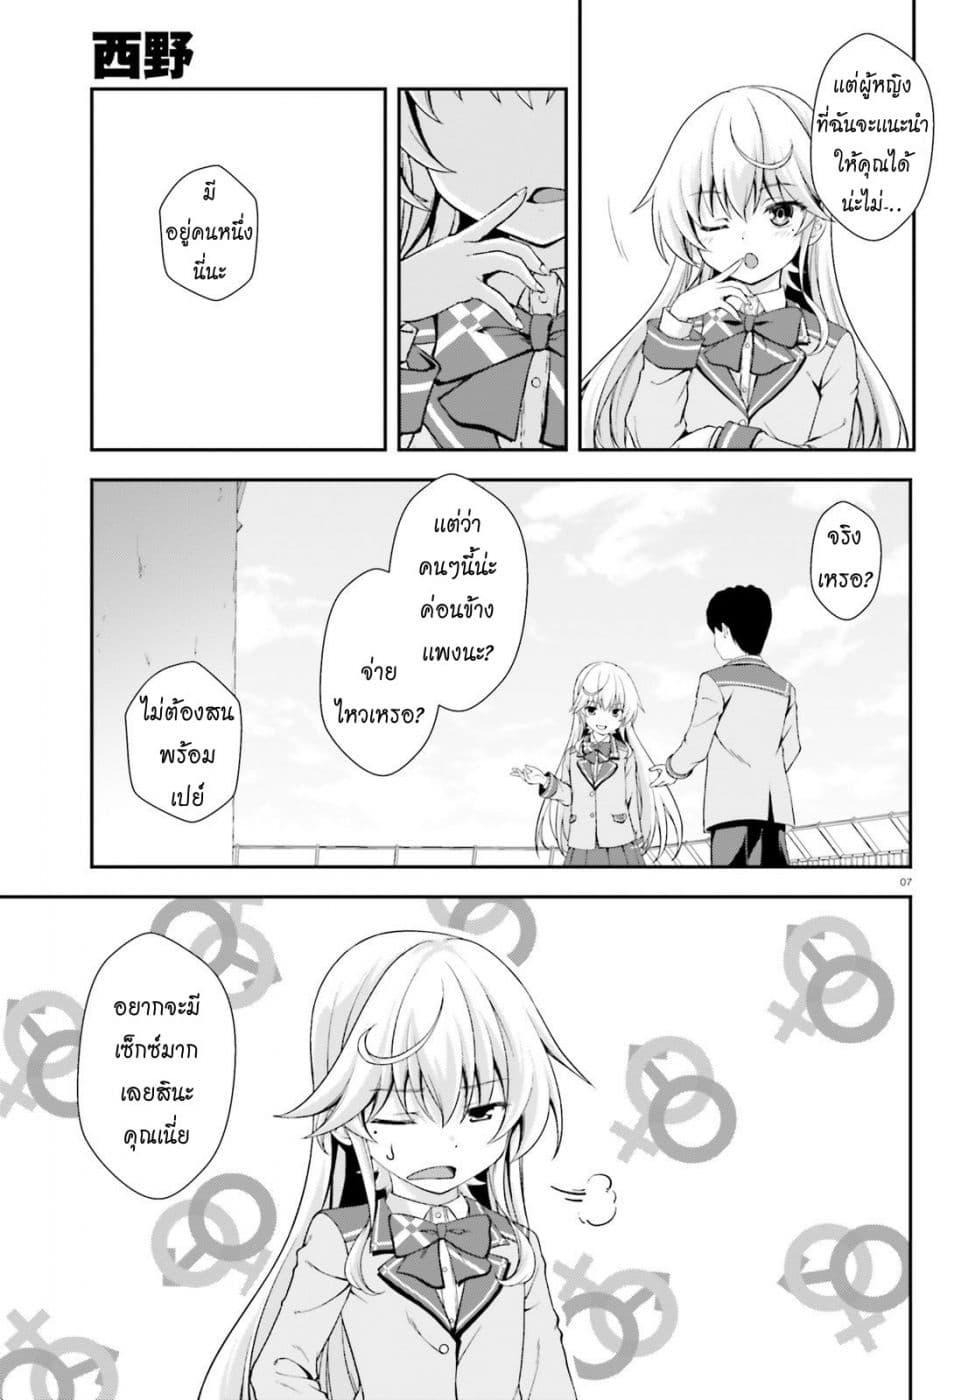 อ่านการ์ตูน Nishino Gakunai Caste Saikai Ni Shite Ino Sekai Saikyo No Shonen ตอนที่ 6 หน้าที่ 4